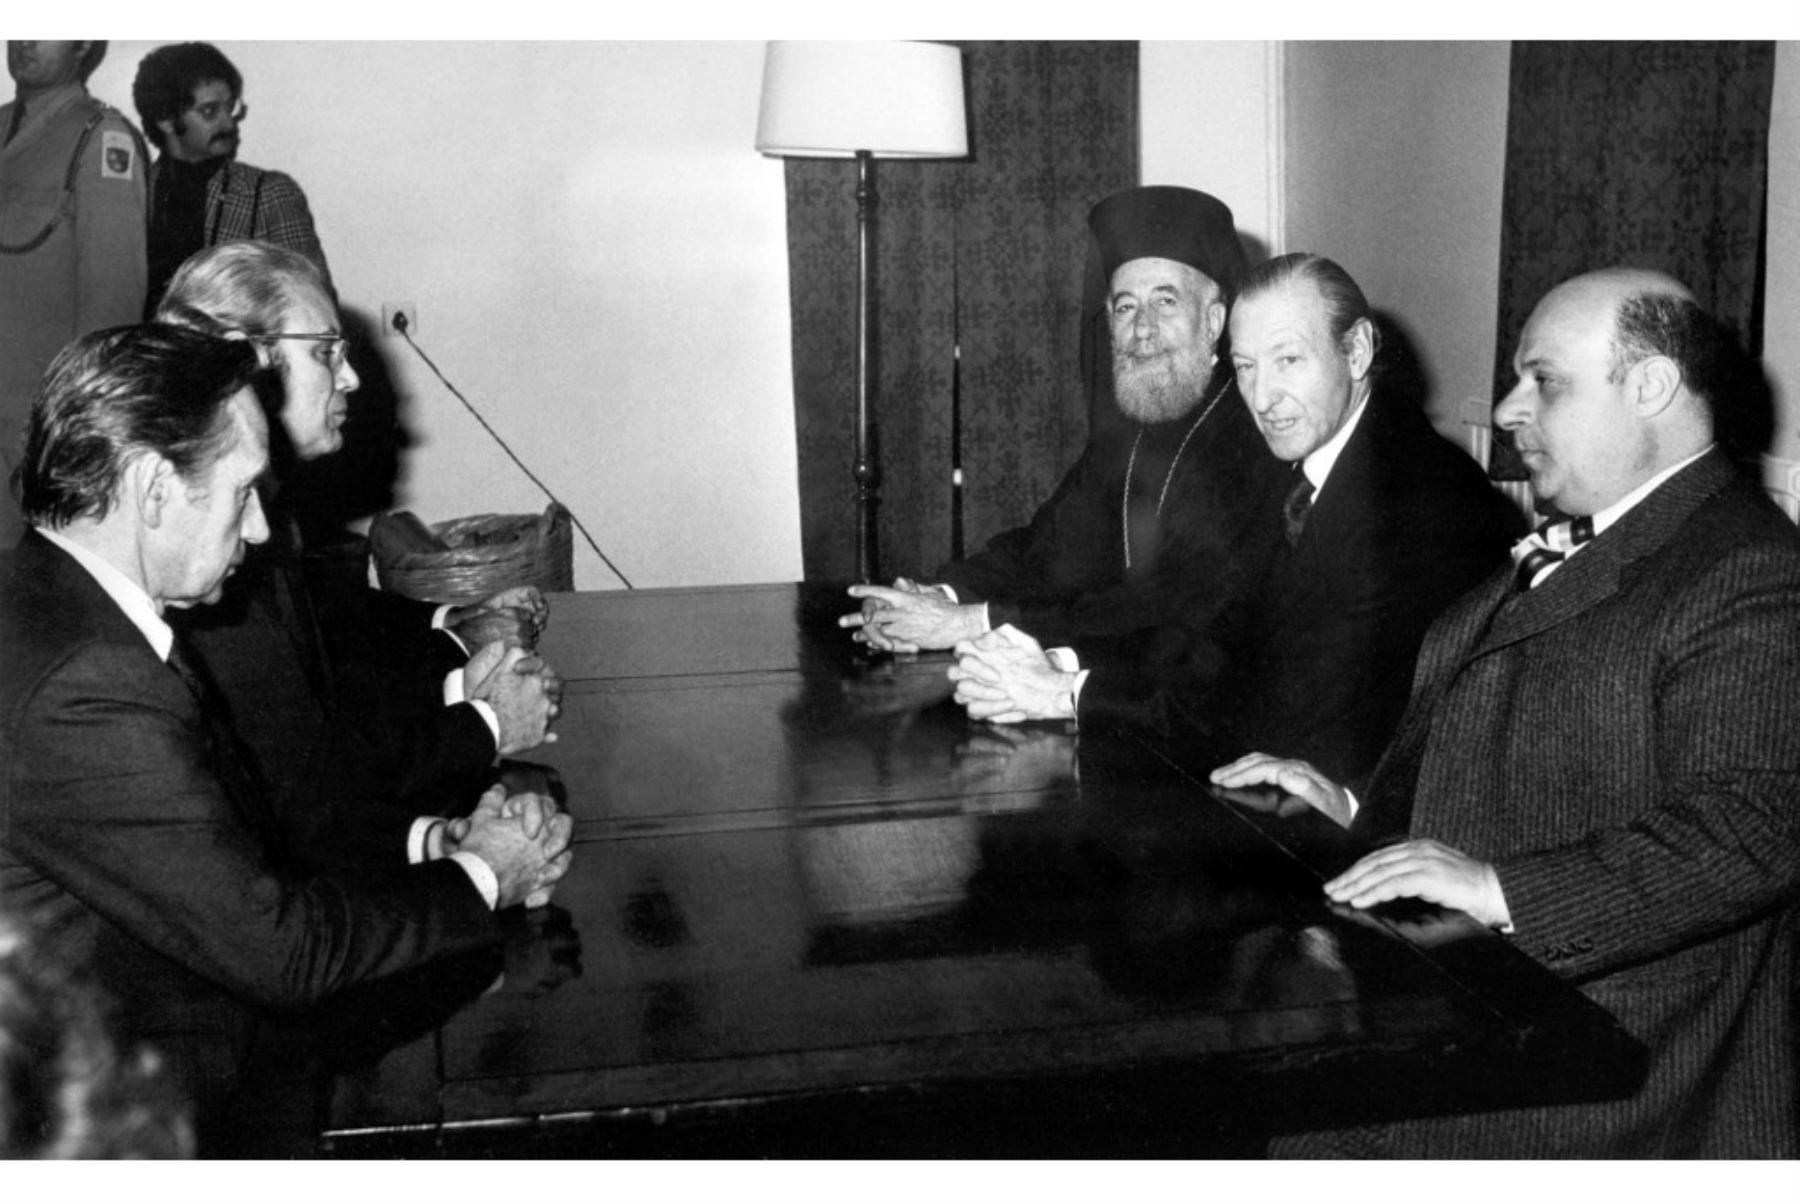 Kurt Waldheim, Secretario General de la ONU, asiste con el Presidente de la República de Chipre Mons. Makarios, el Presidente del Estado Federado de Turquía, Rauf Denktash y el Representante Especial de la Secretario General en Chipre Javier Pérez de Cuellar una sesión de trabajo al final de la cual se anunció la reapertura de las negociaciones entre las dos partes, en Nicosia, el 12 de febrero de 1977. Foto: AFP